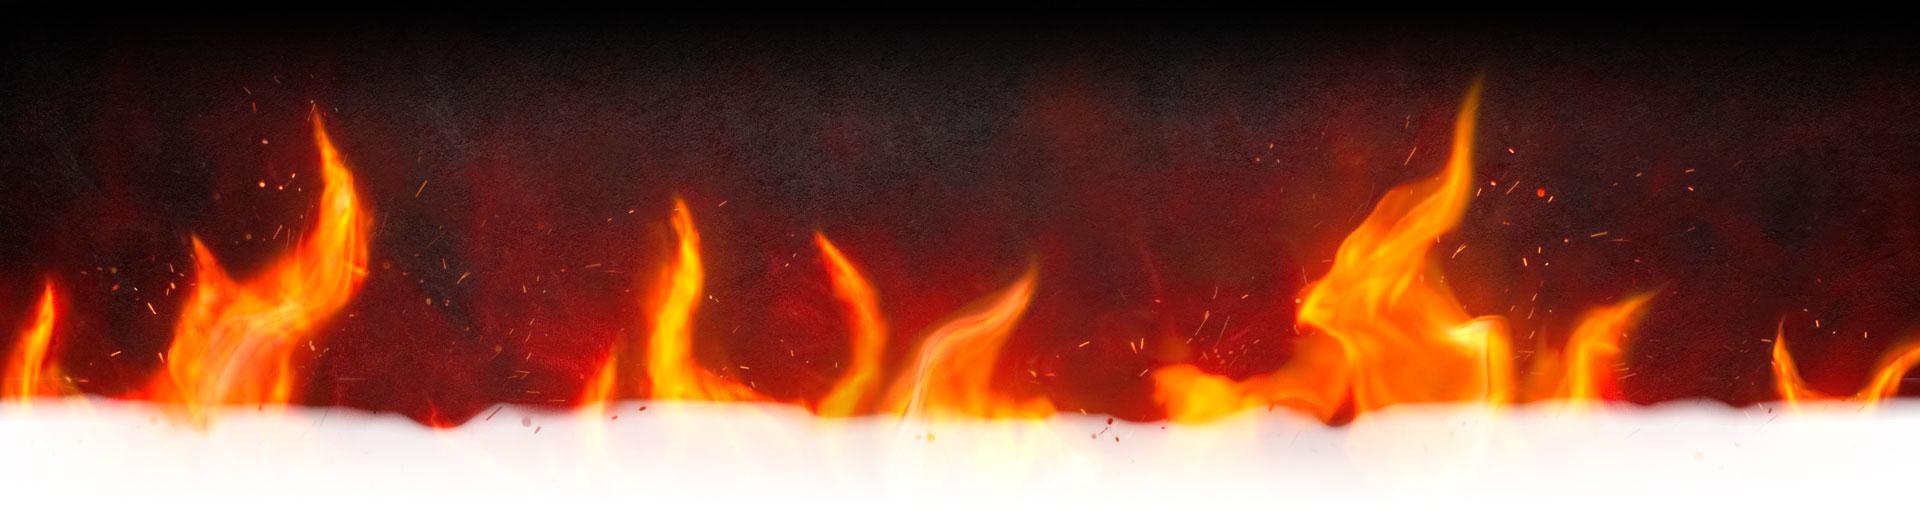 Une bannière de flammes s'estompant vers le blanc.